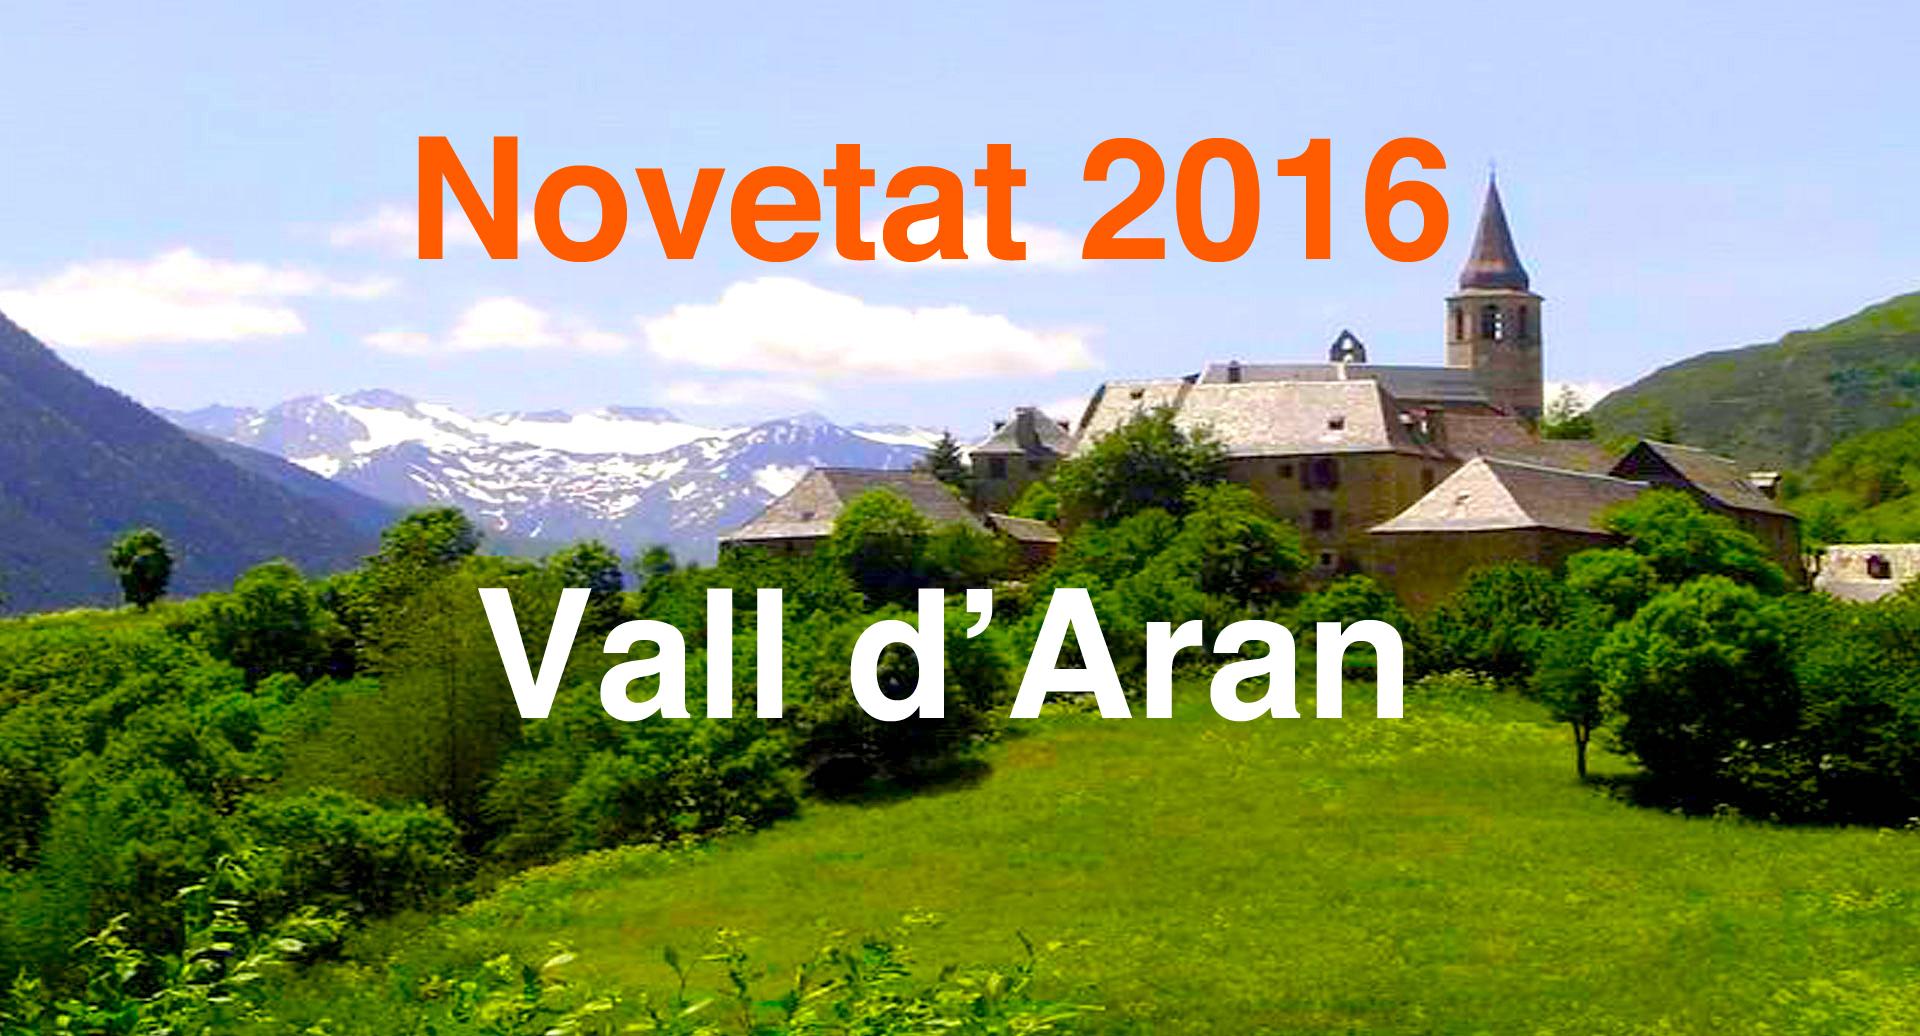 Valle de Aran - Turismo en el Valle de Aran - Viaje Organizado